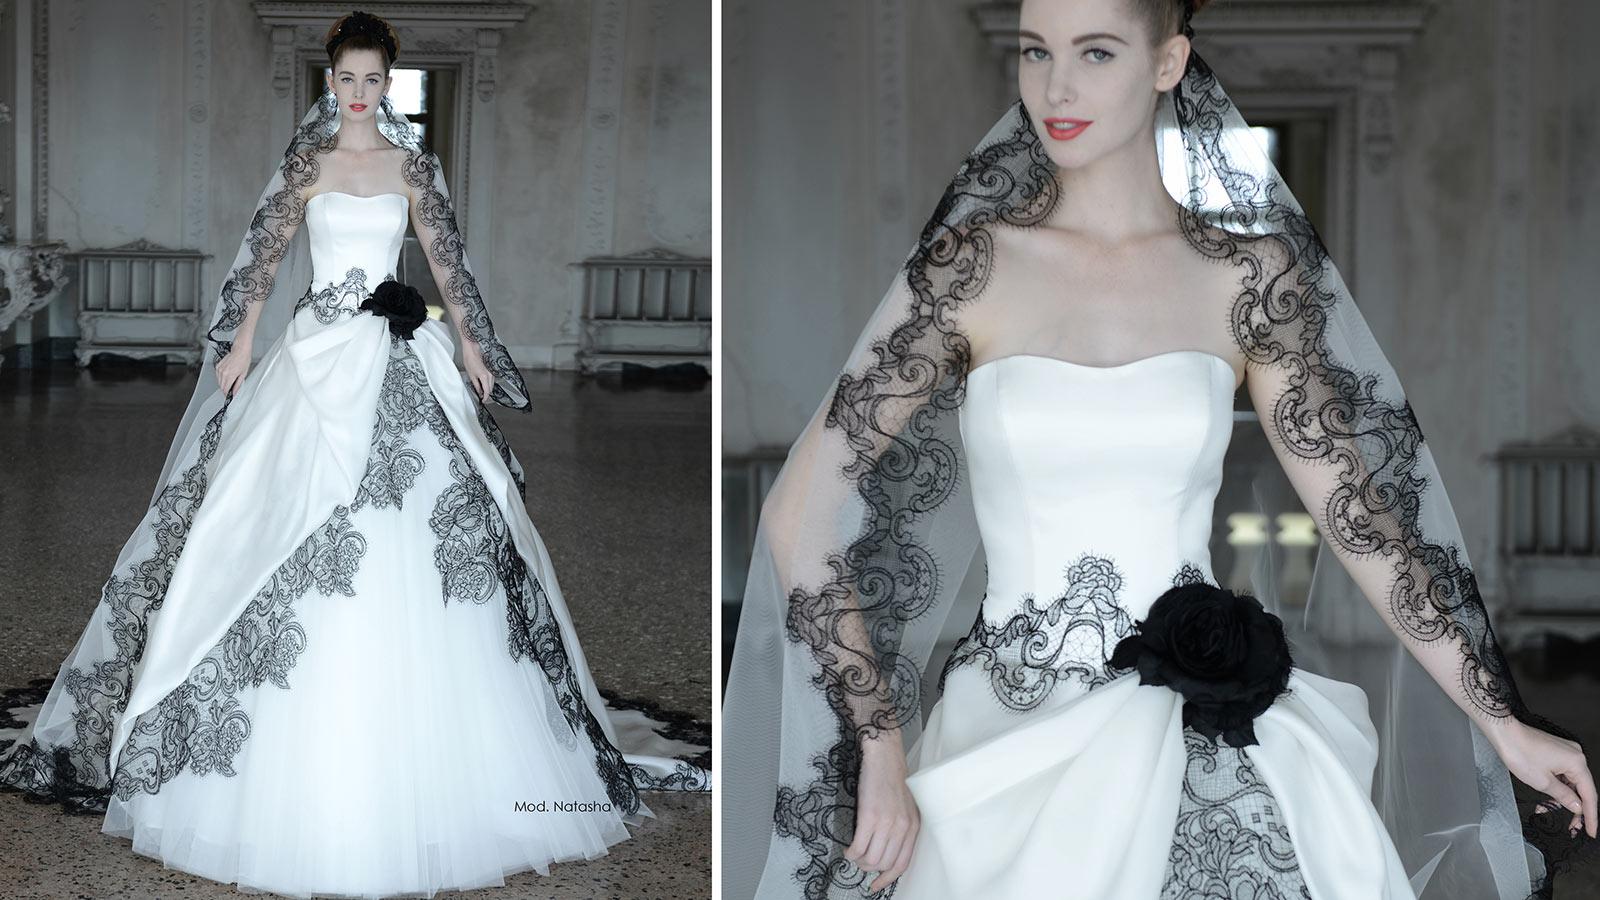 Top Atelier Aimee collezione 2015 abiti sposa (27) | ABITI DA SPOSA NG27